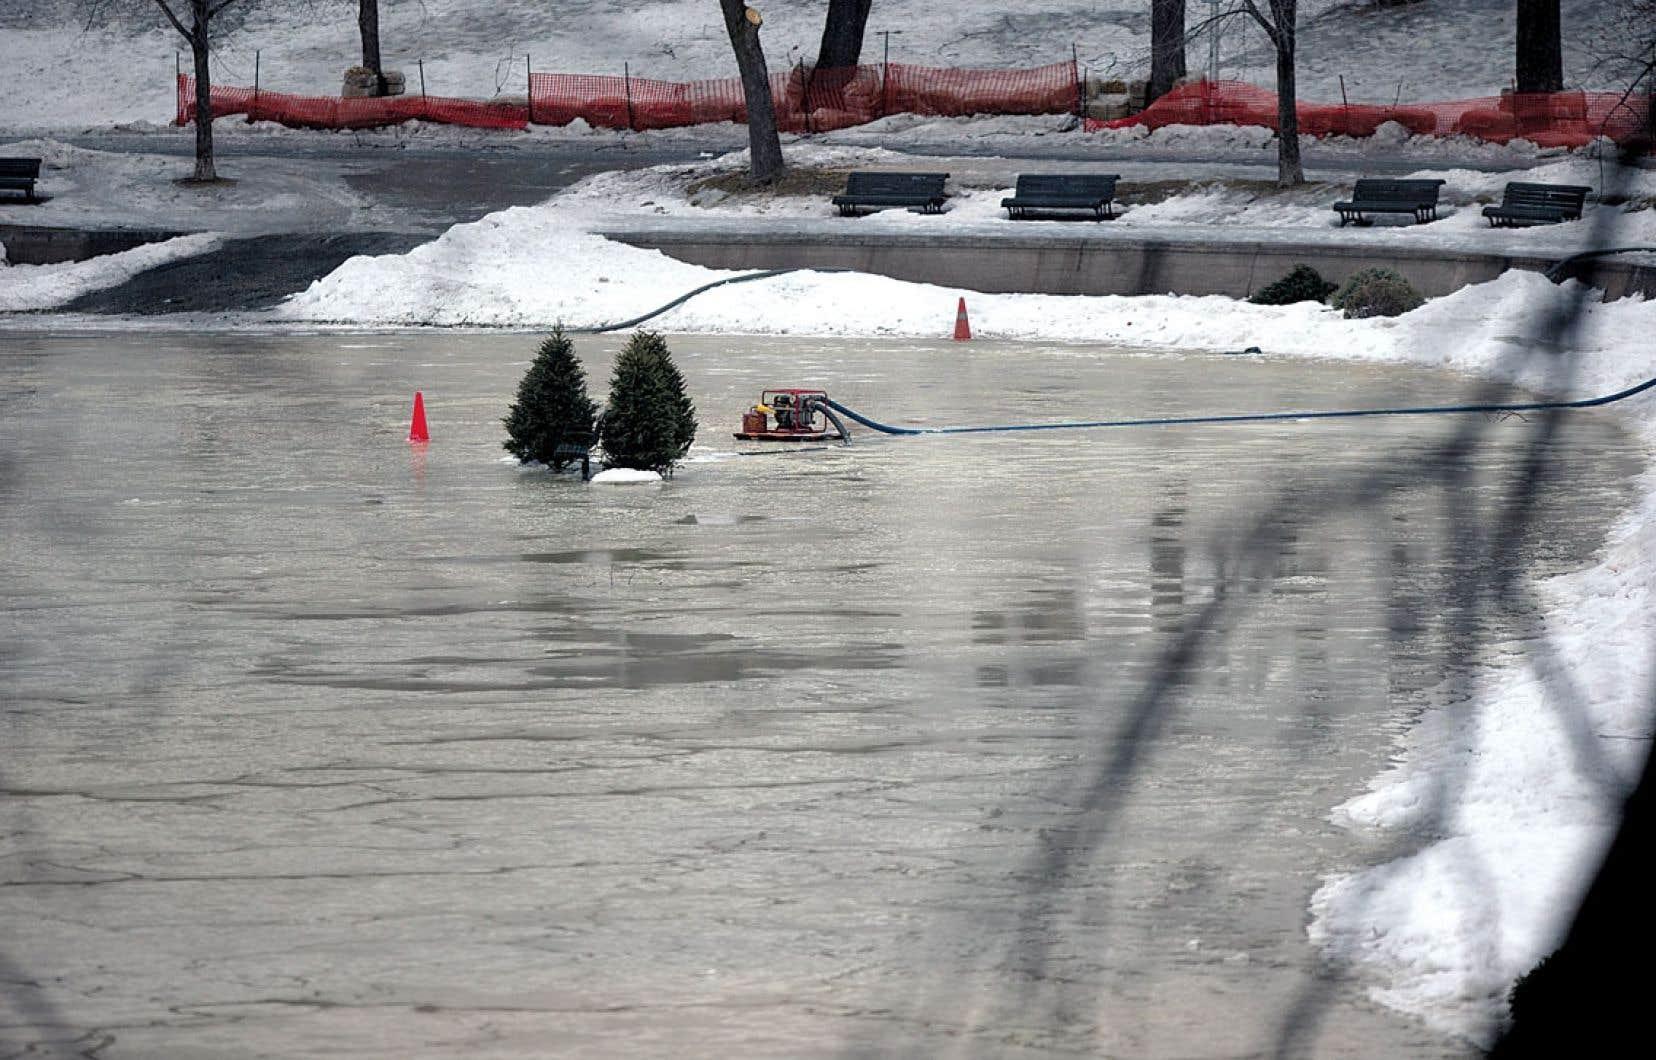 Les hivers de plus en plus doux ne facilitent pas l'aménagement et l'entretien de patinoires extérieures, comme ici au parc Lafontaine, à Montréal.